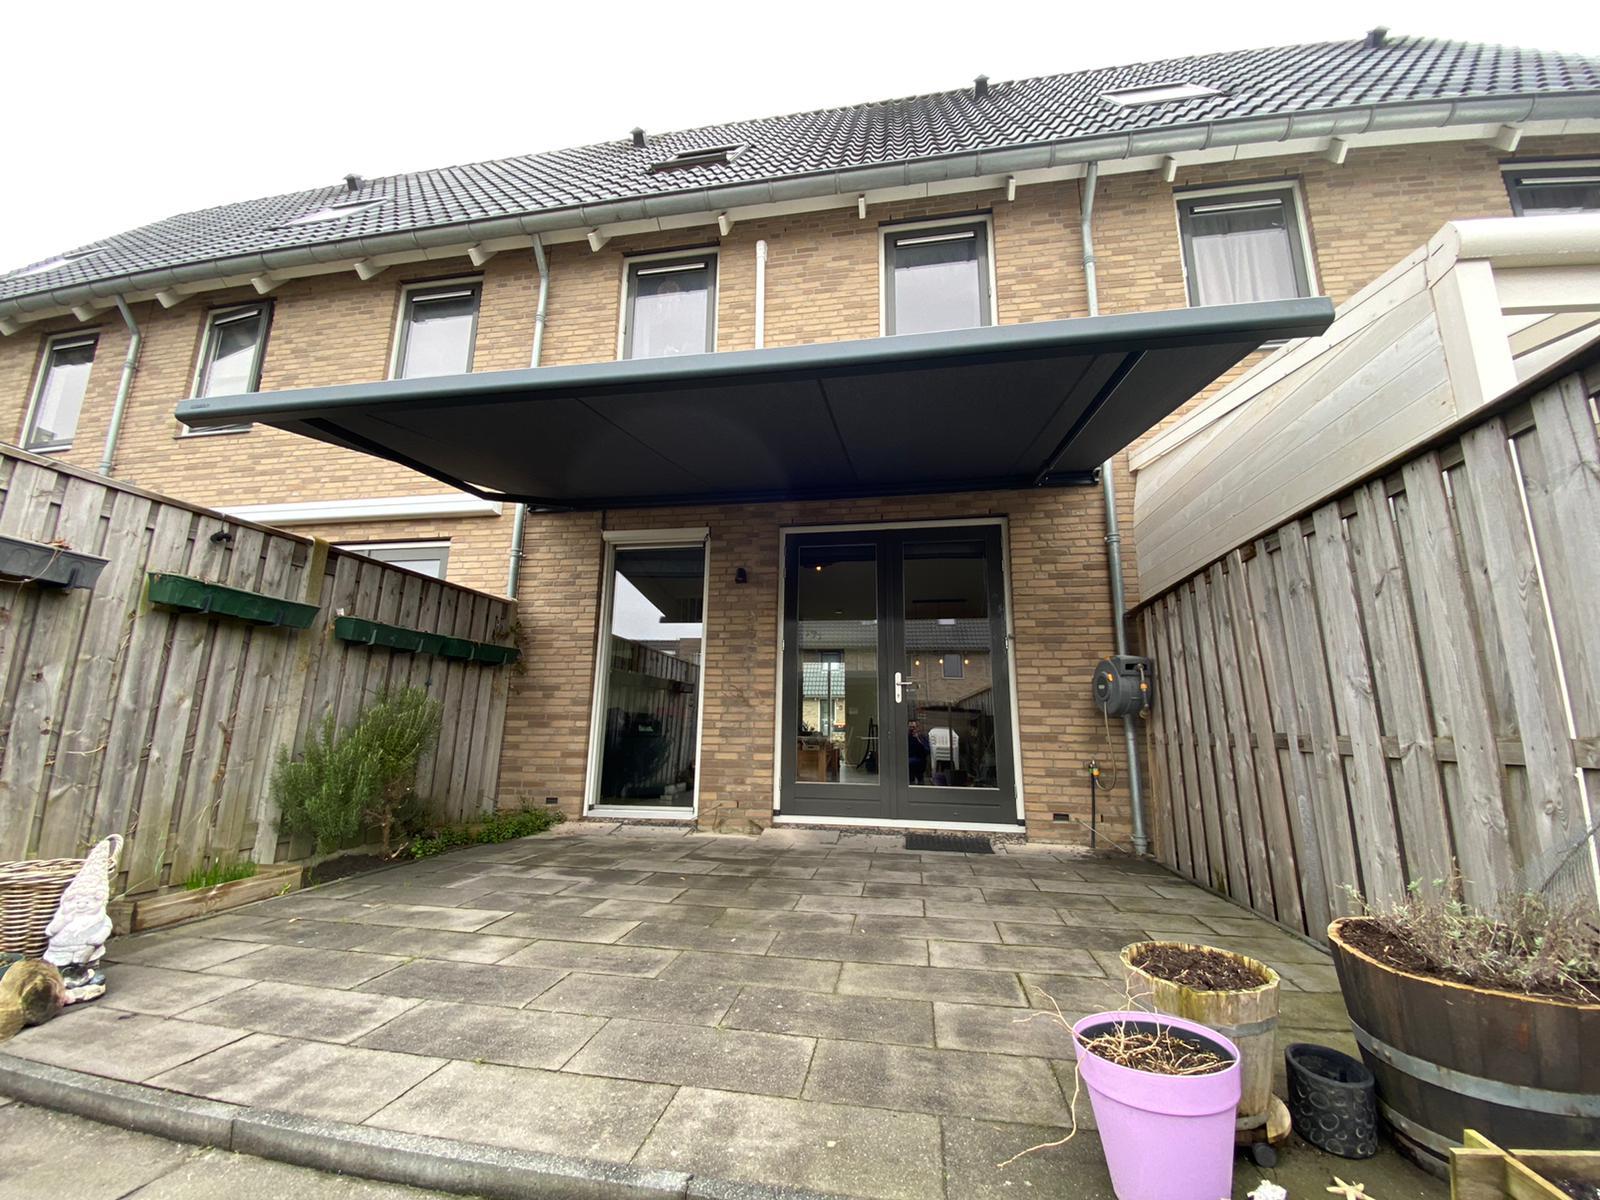 Knikarmschermen op maat bij Van Ewijk Zonwering in Lelystad Dronten Swifterbant en Almere 010